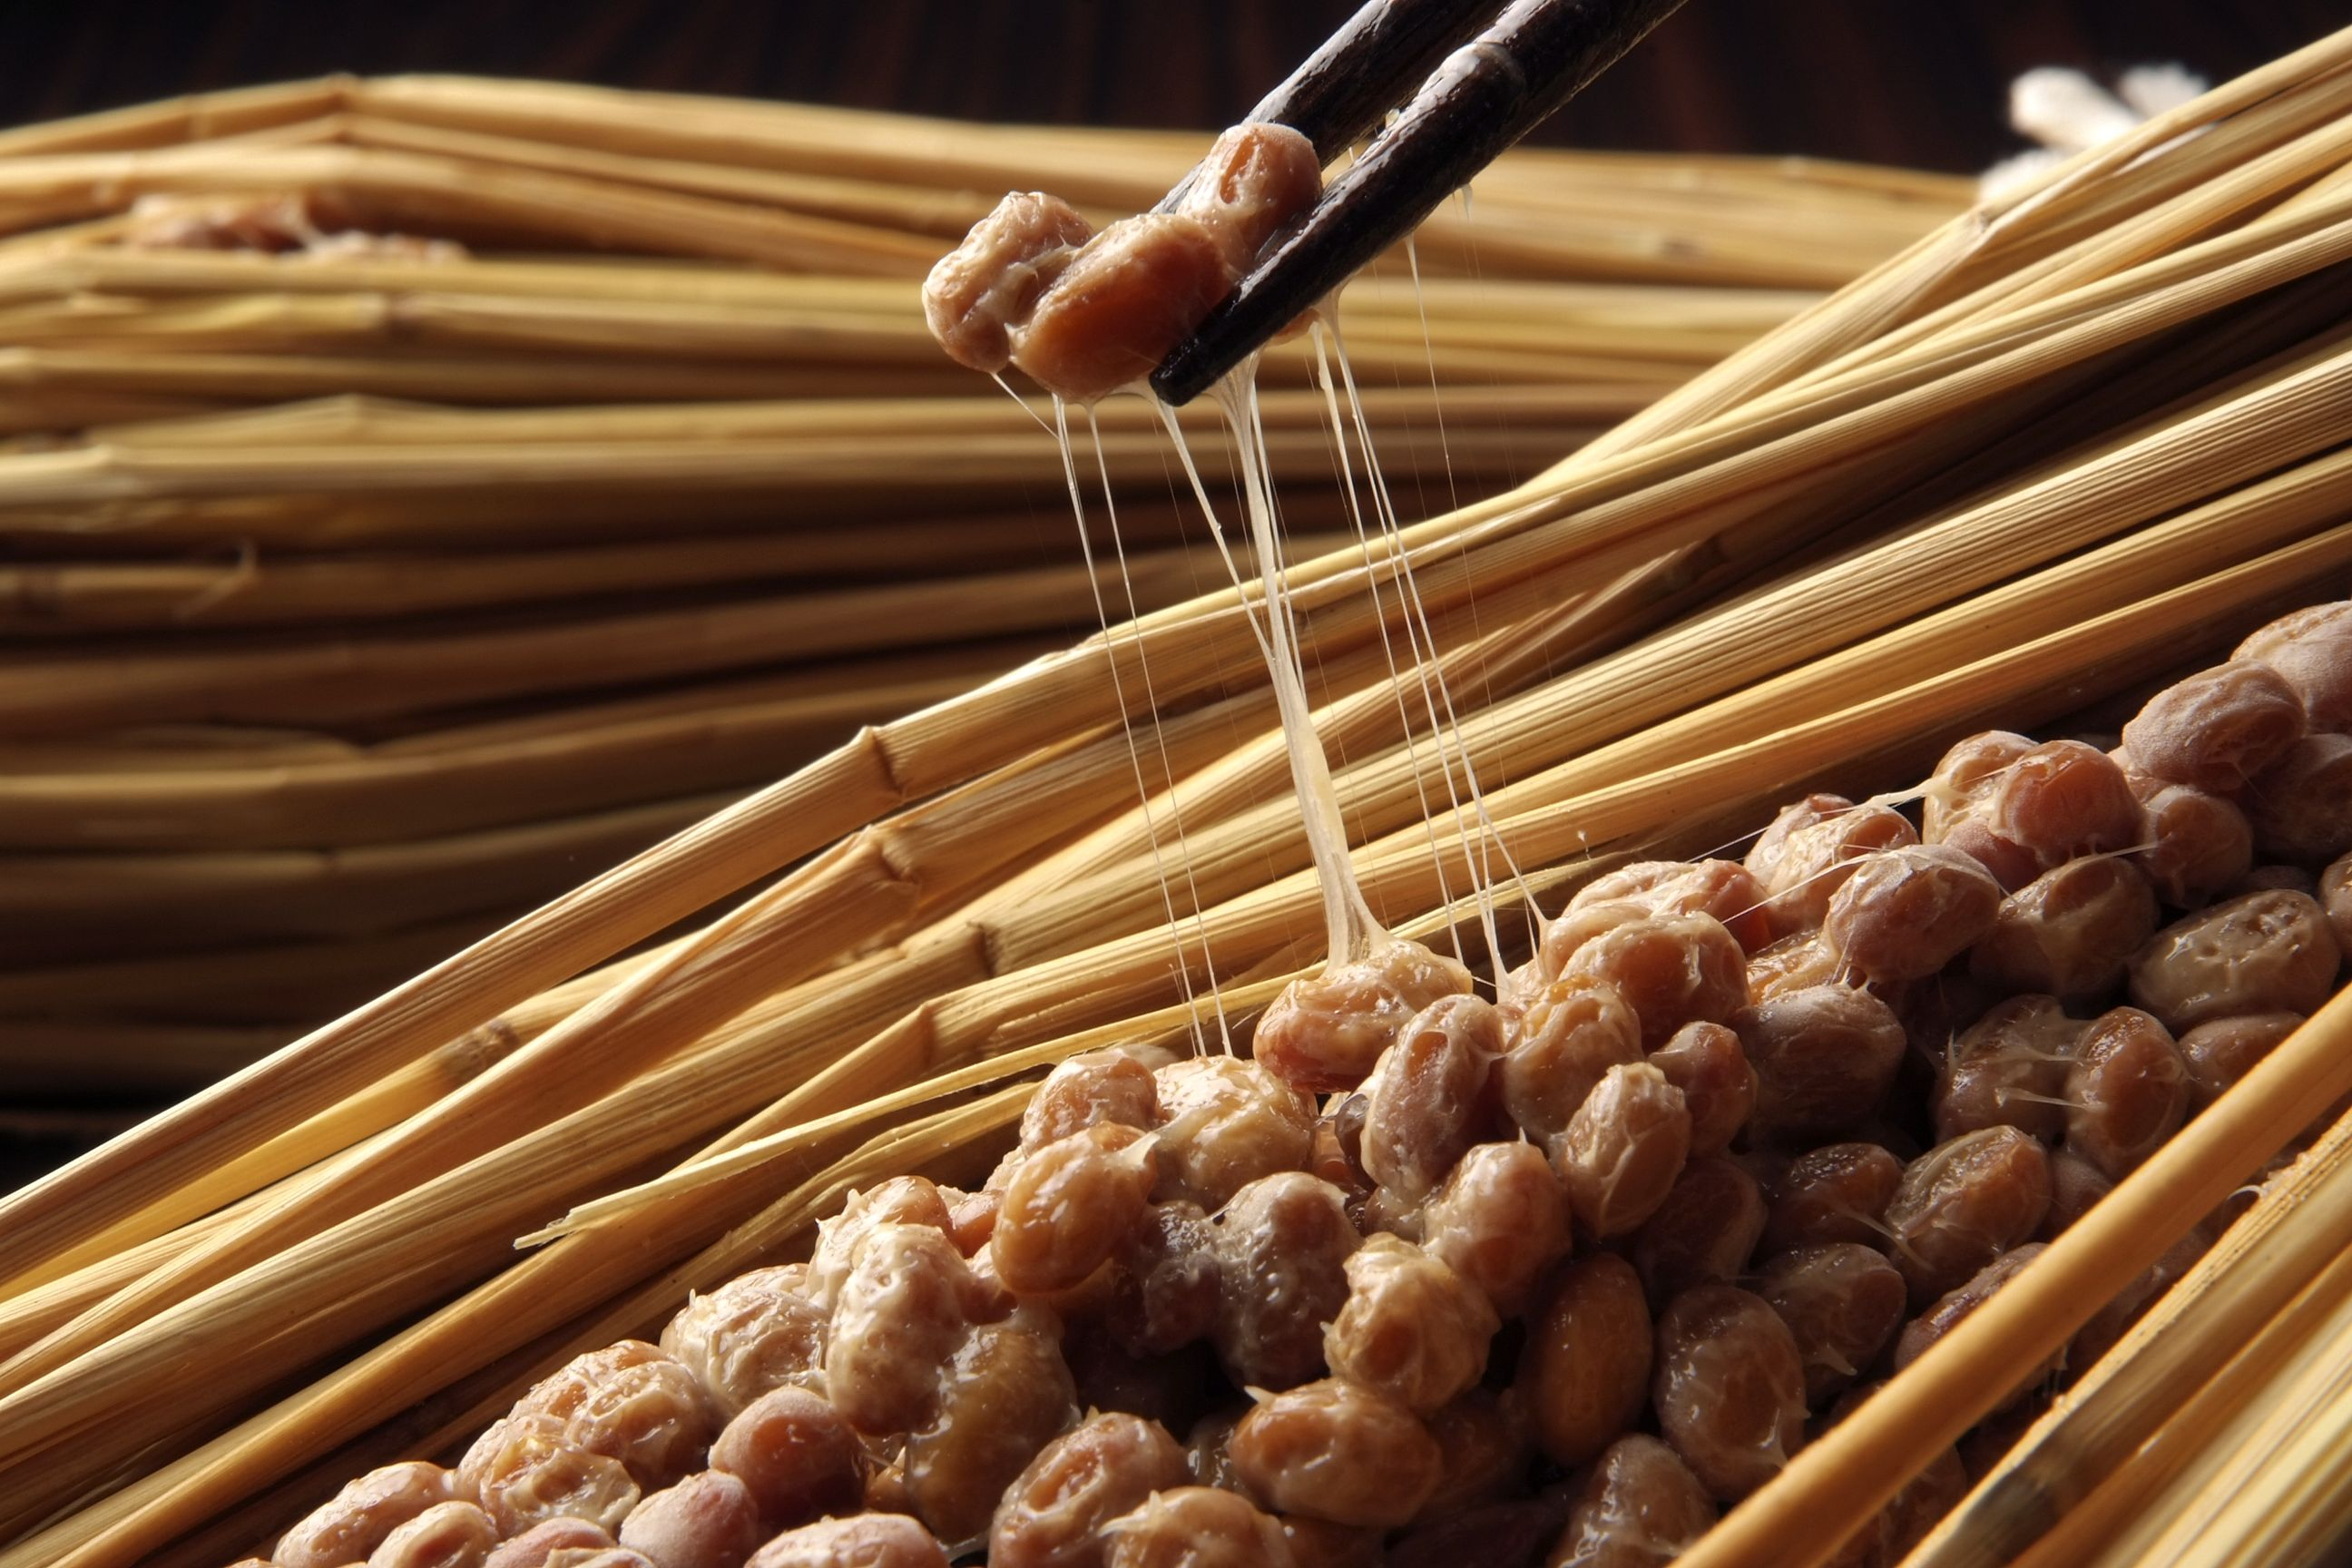 納豆を自由に食べる!効果的な食べ方から面白い食べ方までをご紹介!のサムネイル画像